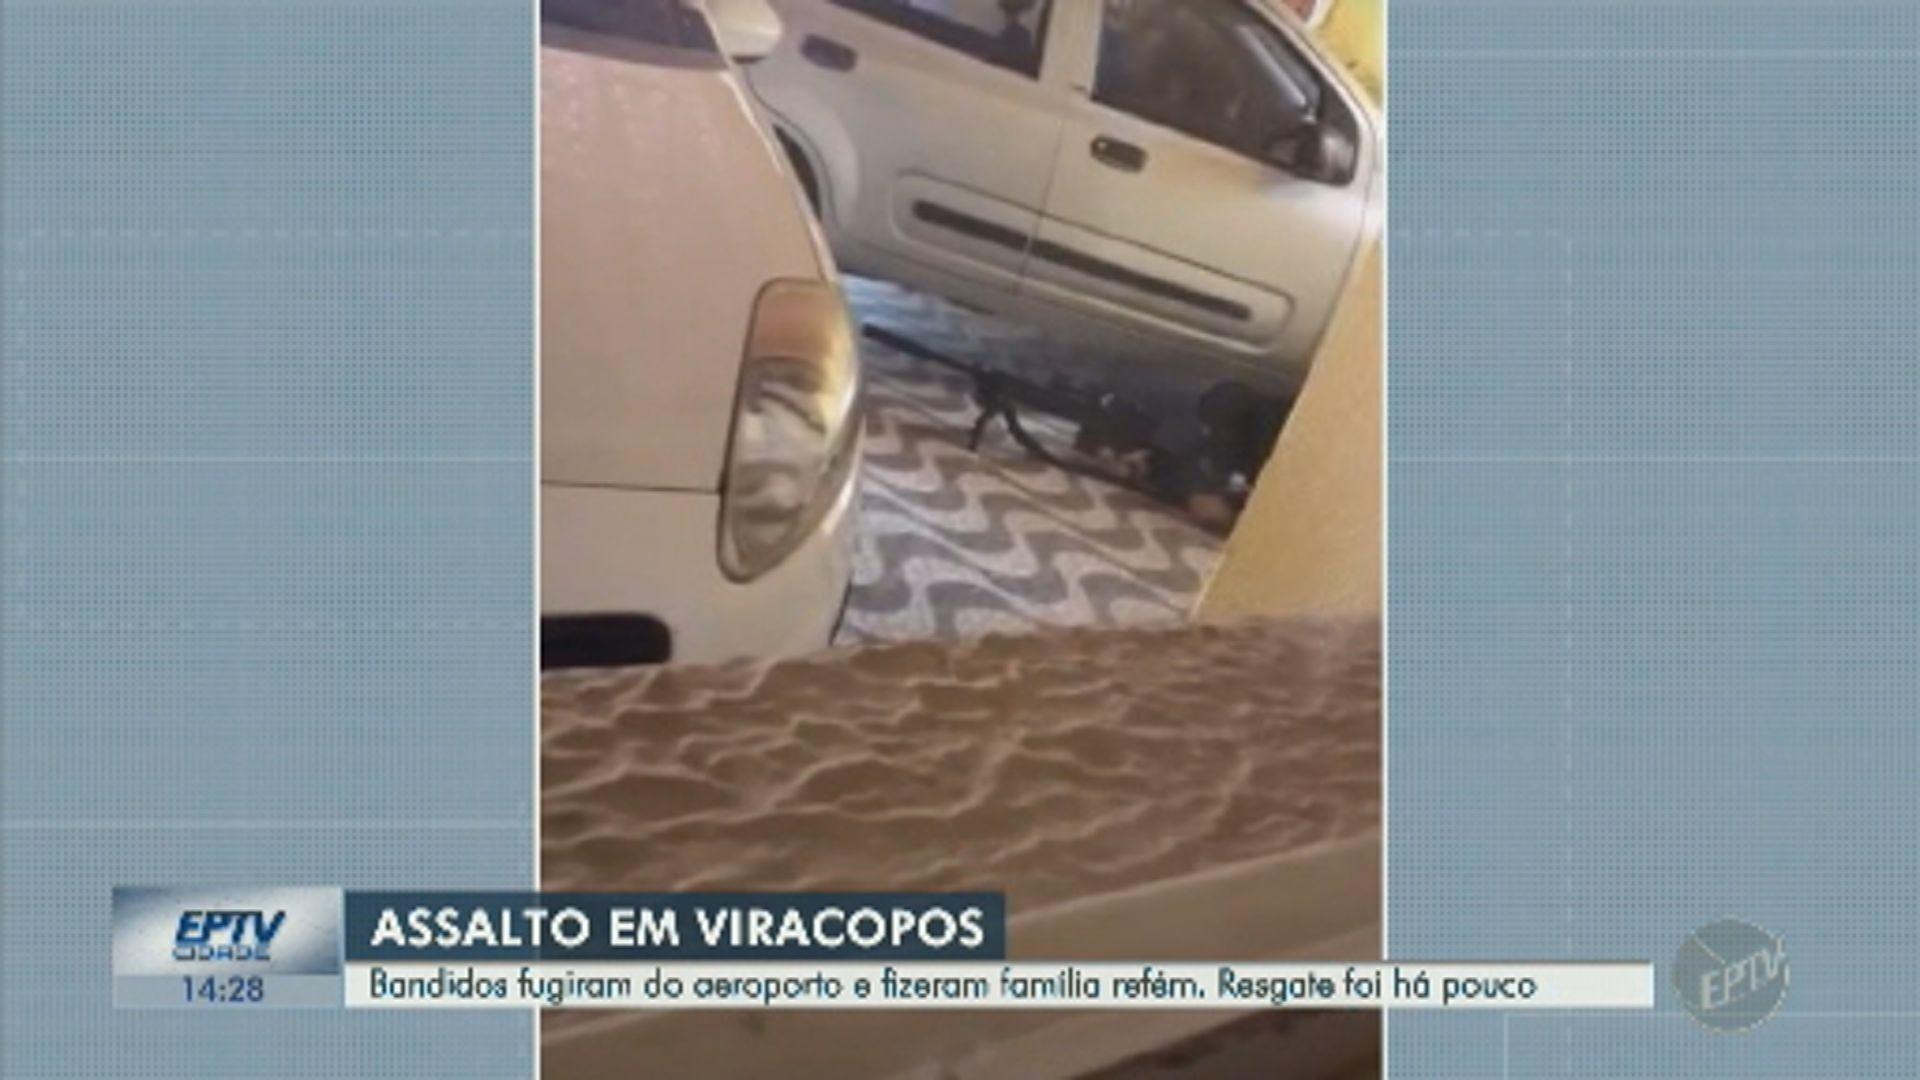 Roubo em Viracopos: atirador da PM mata sequestrador, e mãe e criança reféns são liberadas após 2h de negociações - Notícias - Plantão Diário